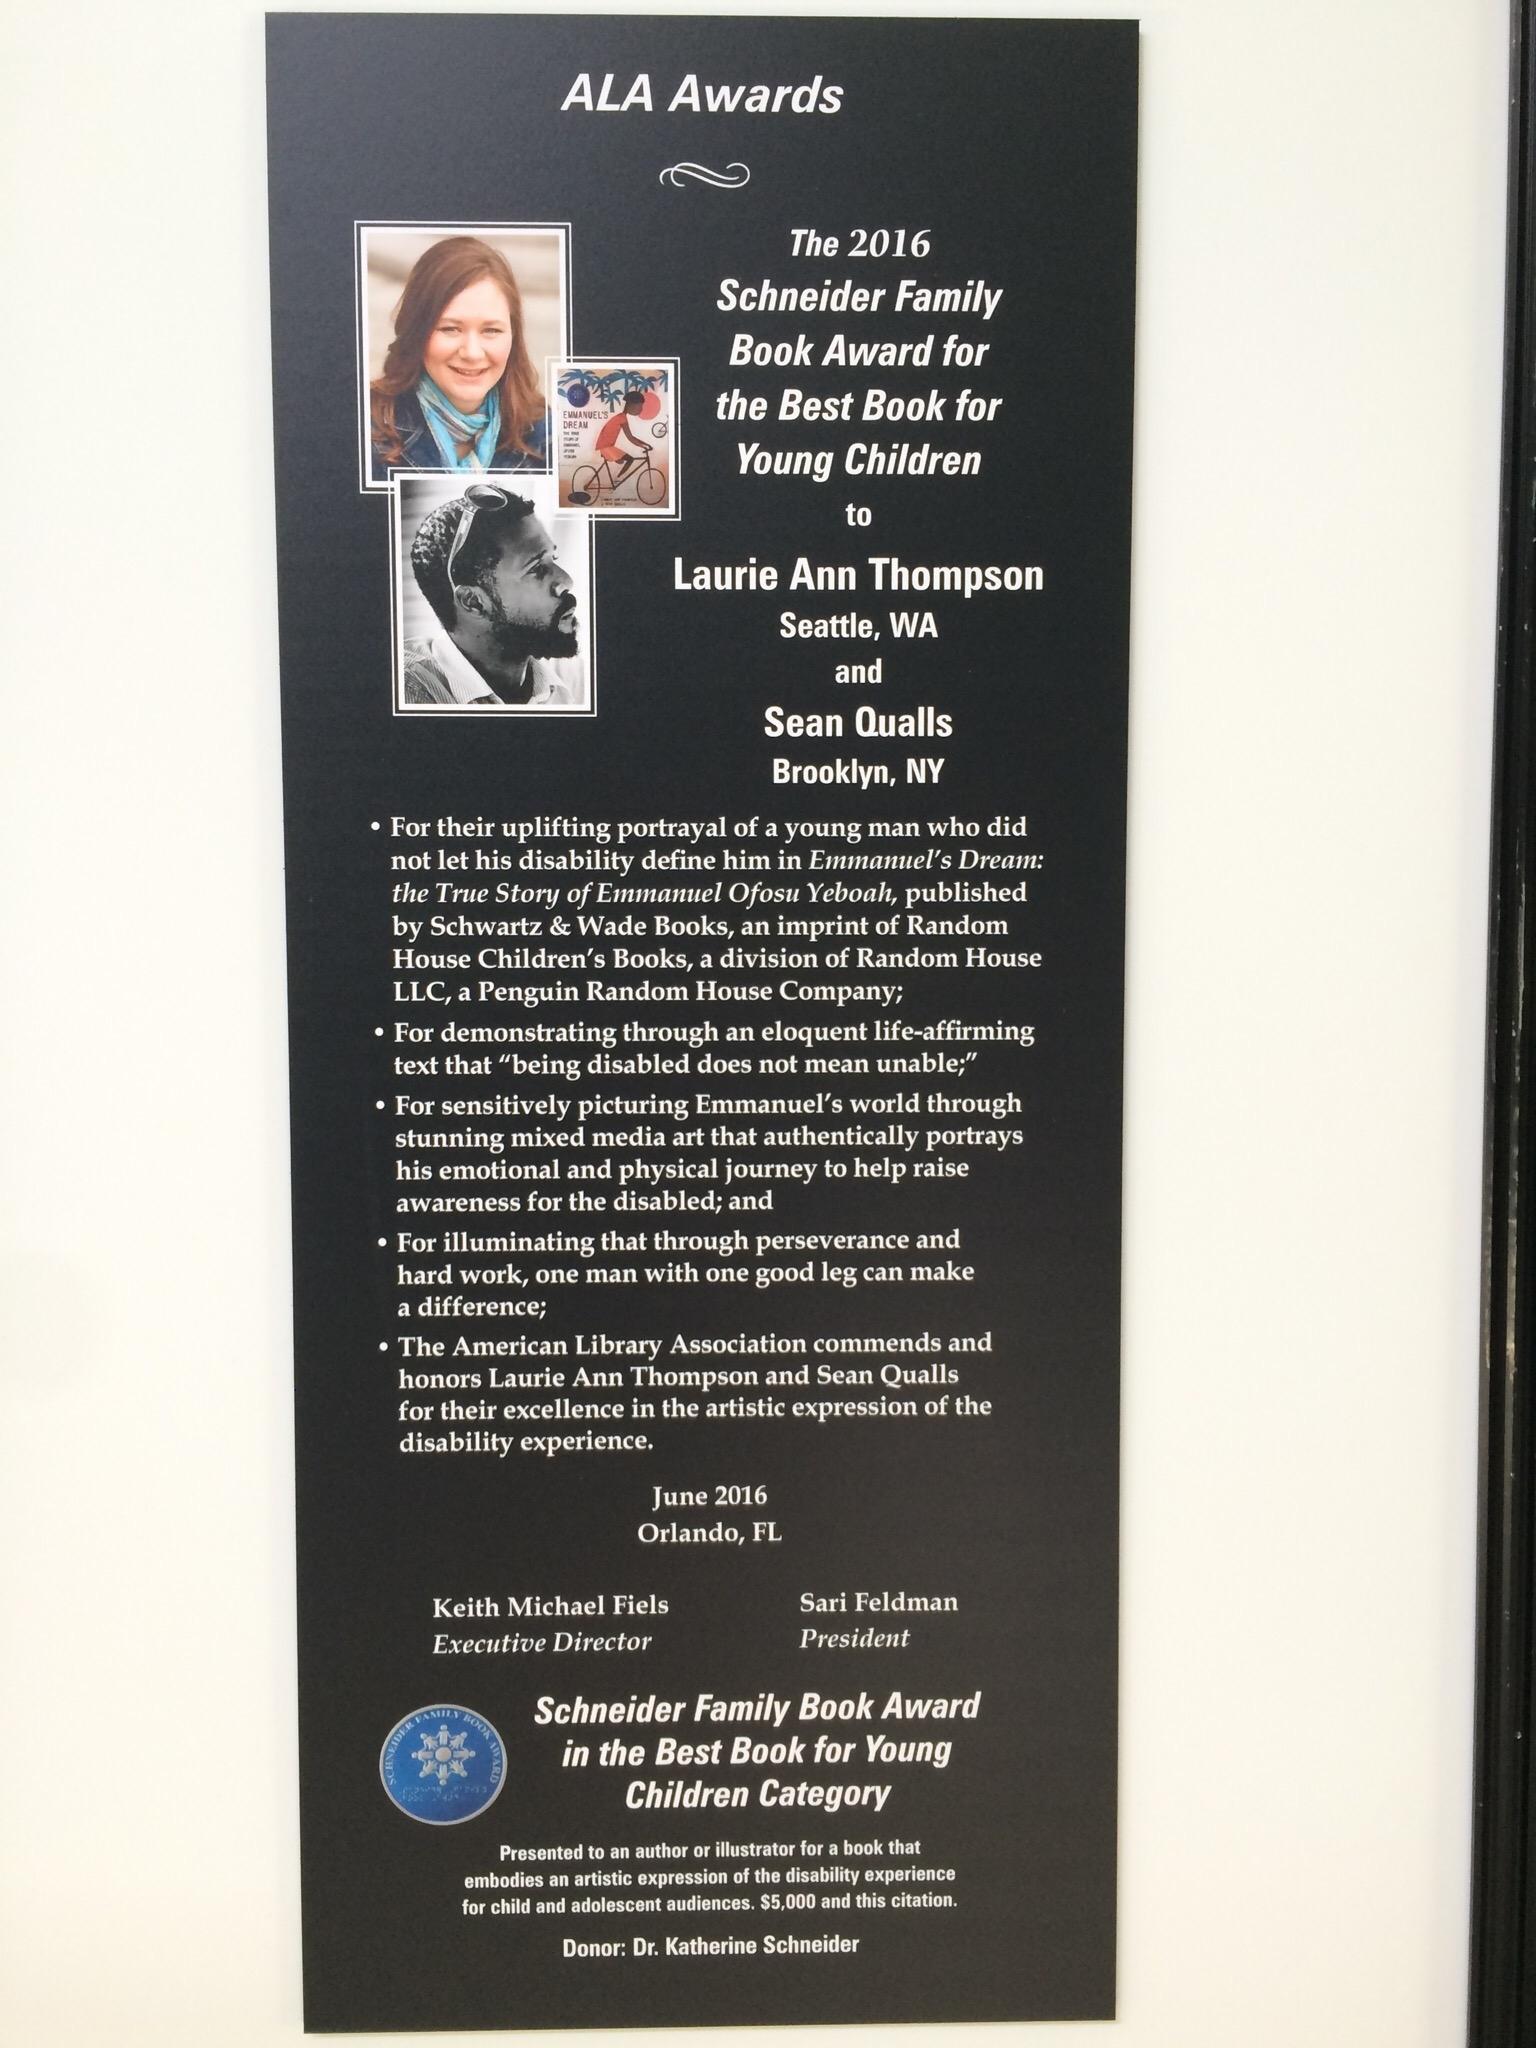 Schneider award poster